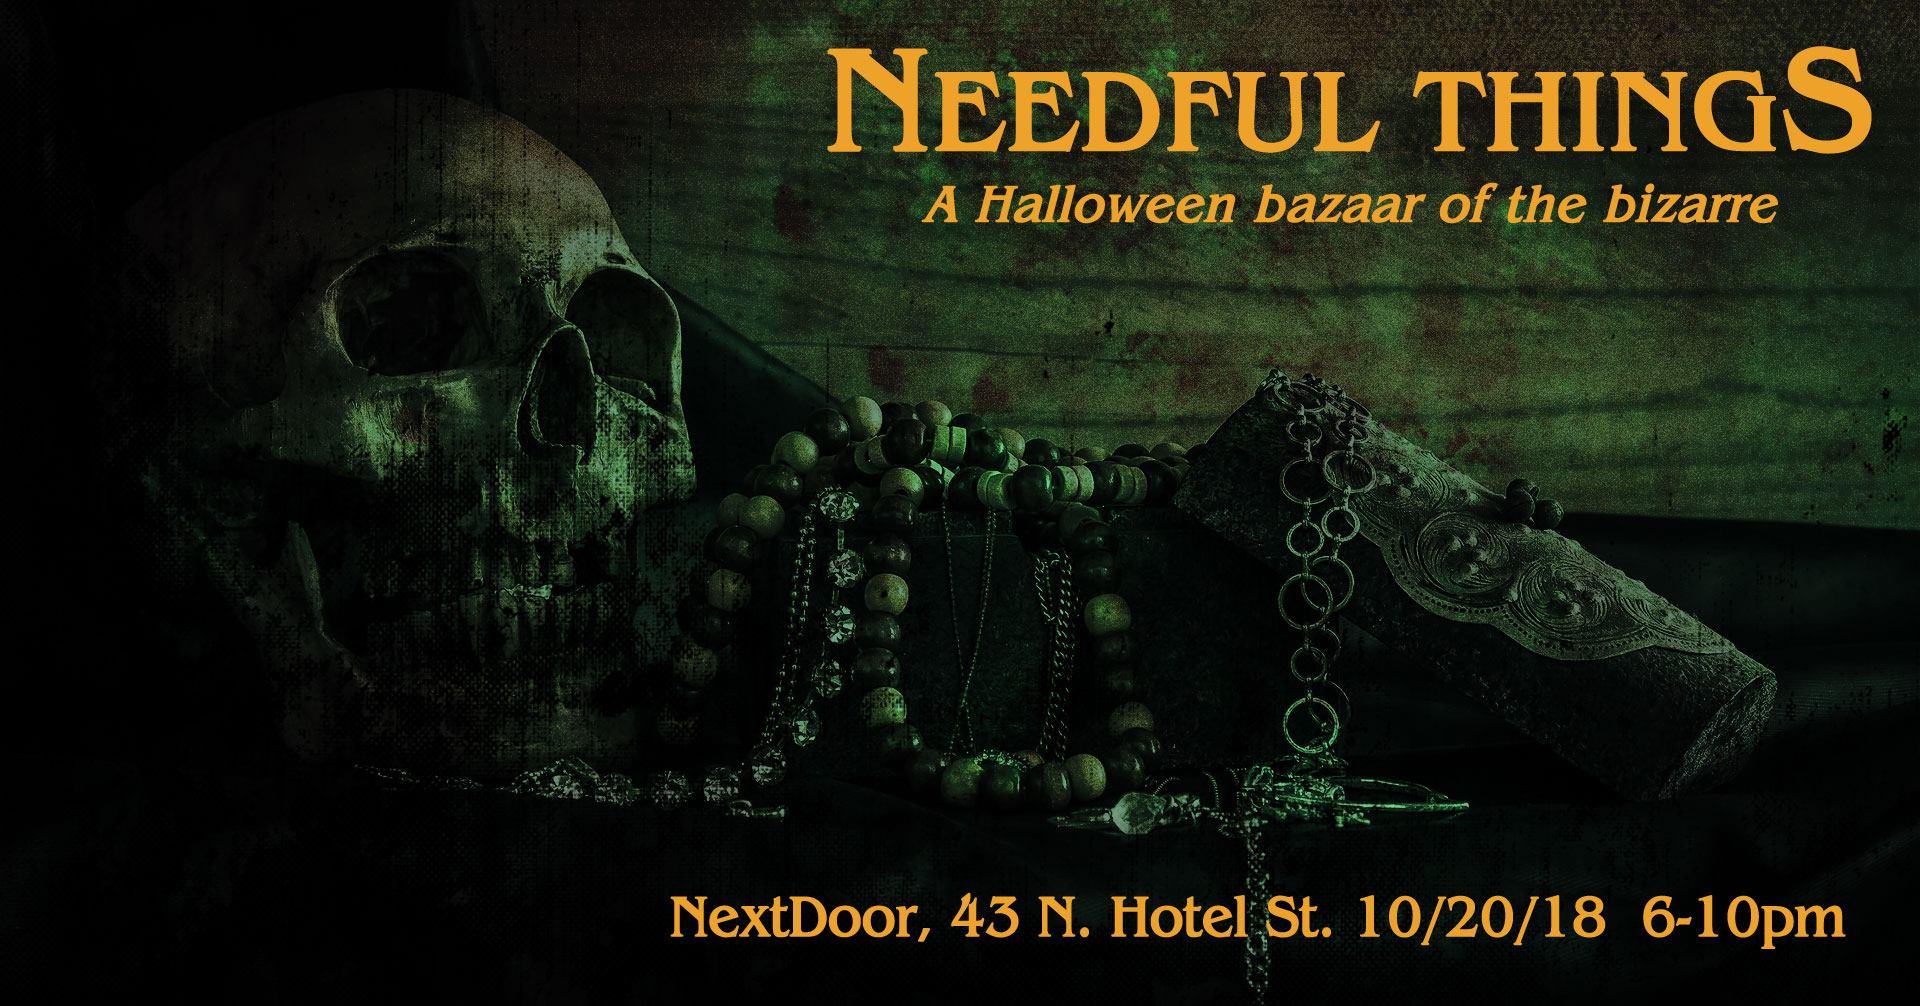 needful things a halloween bazaar of the bizarre nextdoor